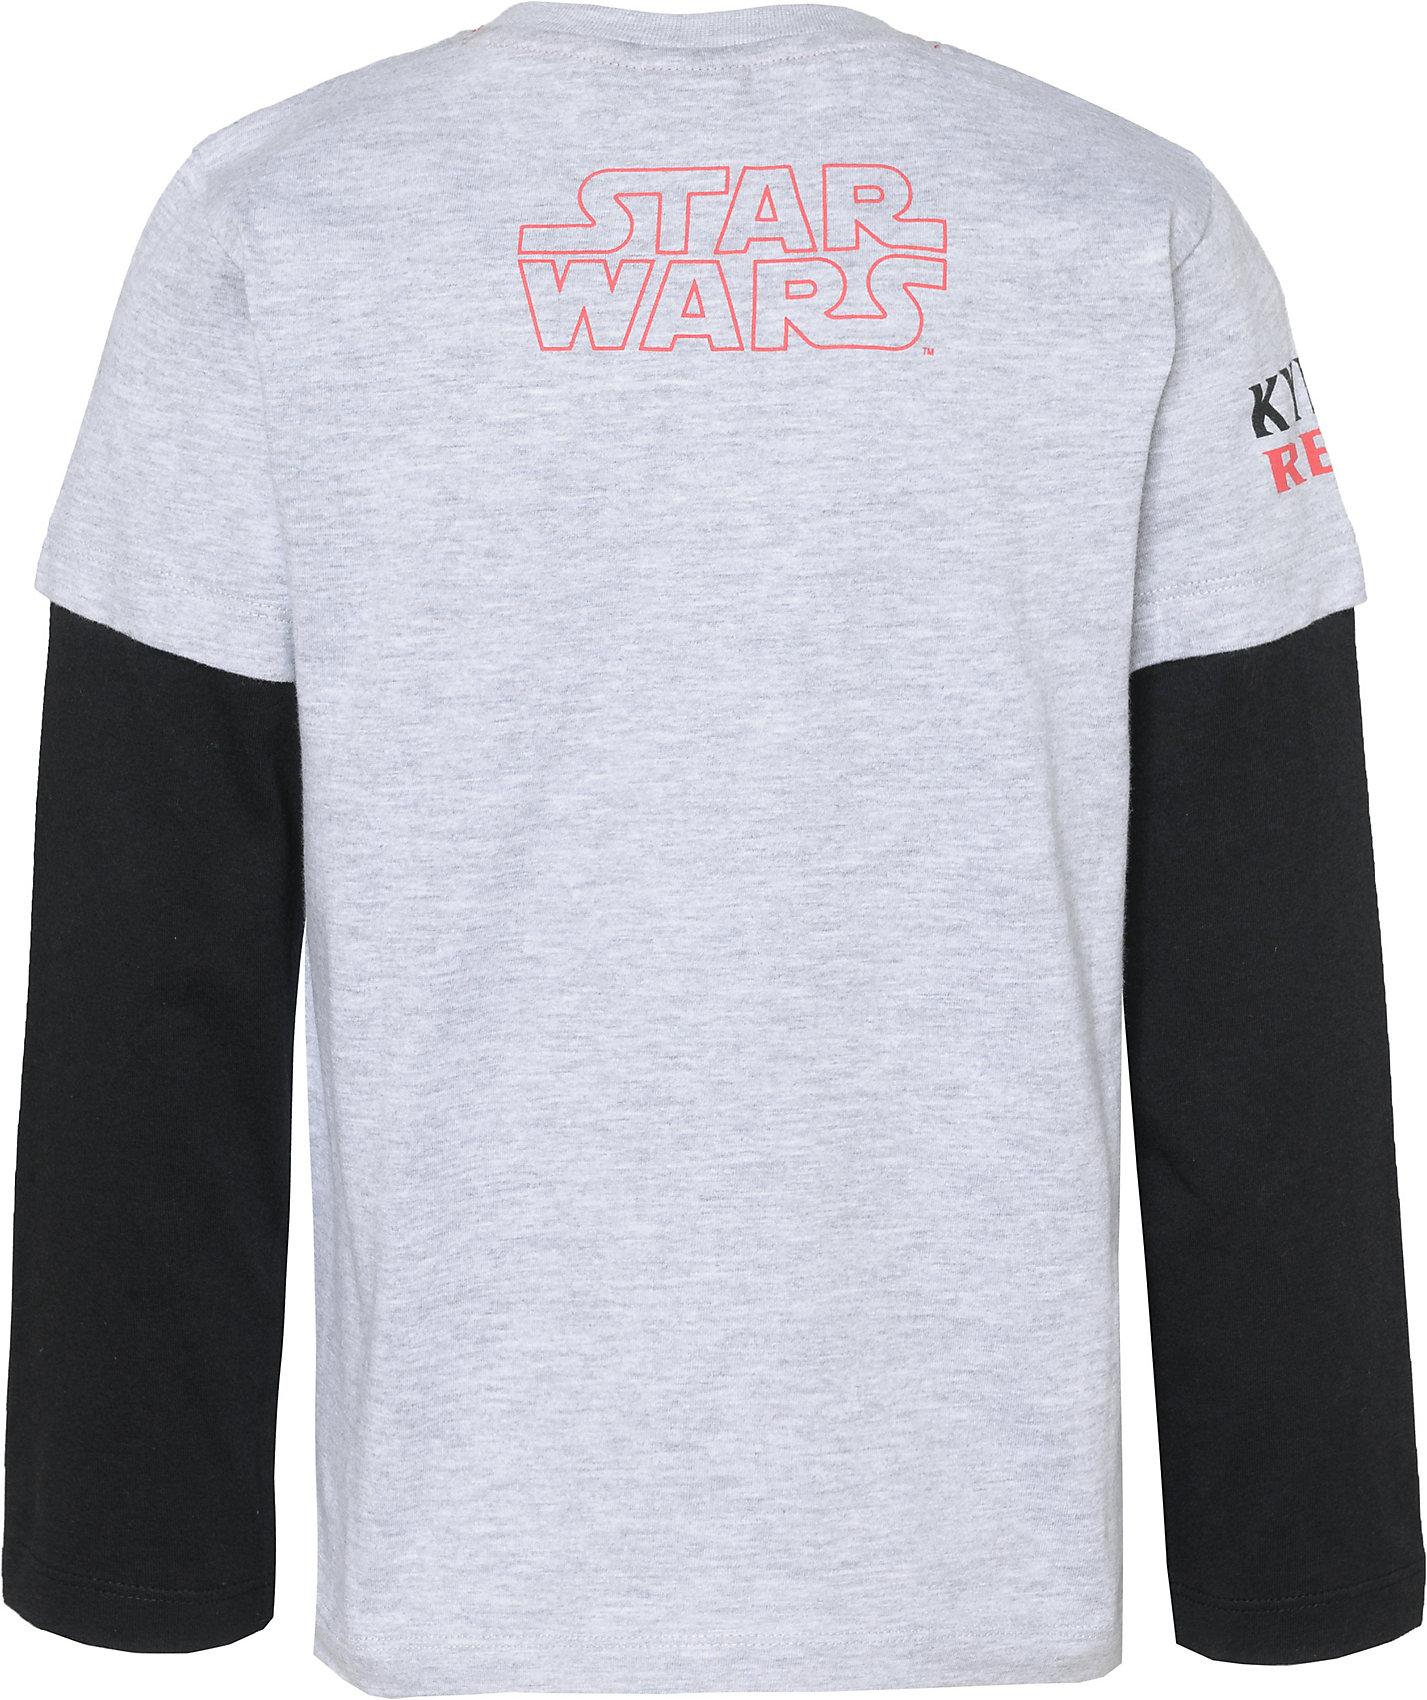 Neu Star Wars Langarmshirt für Jungen 8539604 für Jungen grau